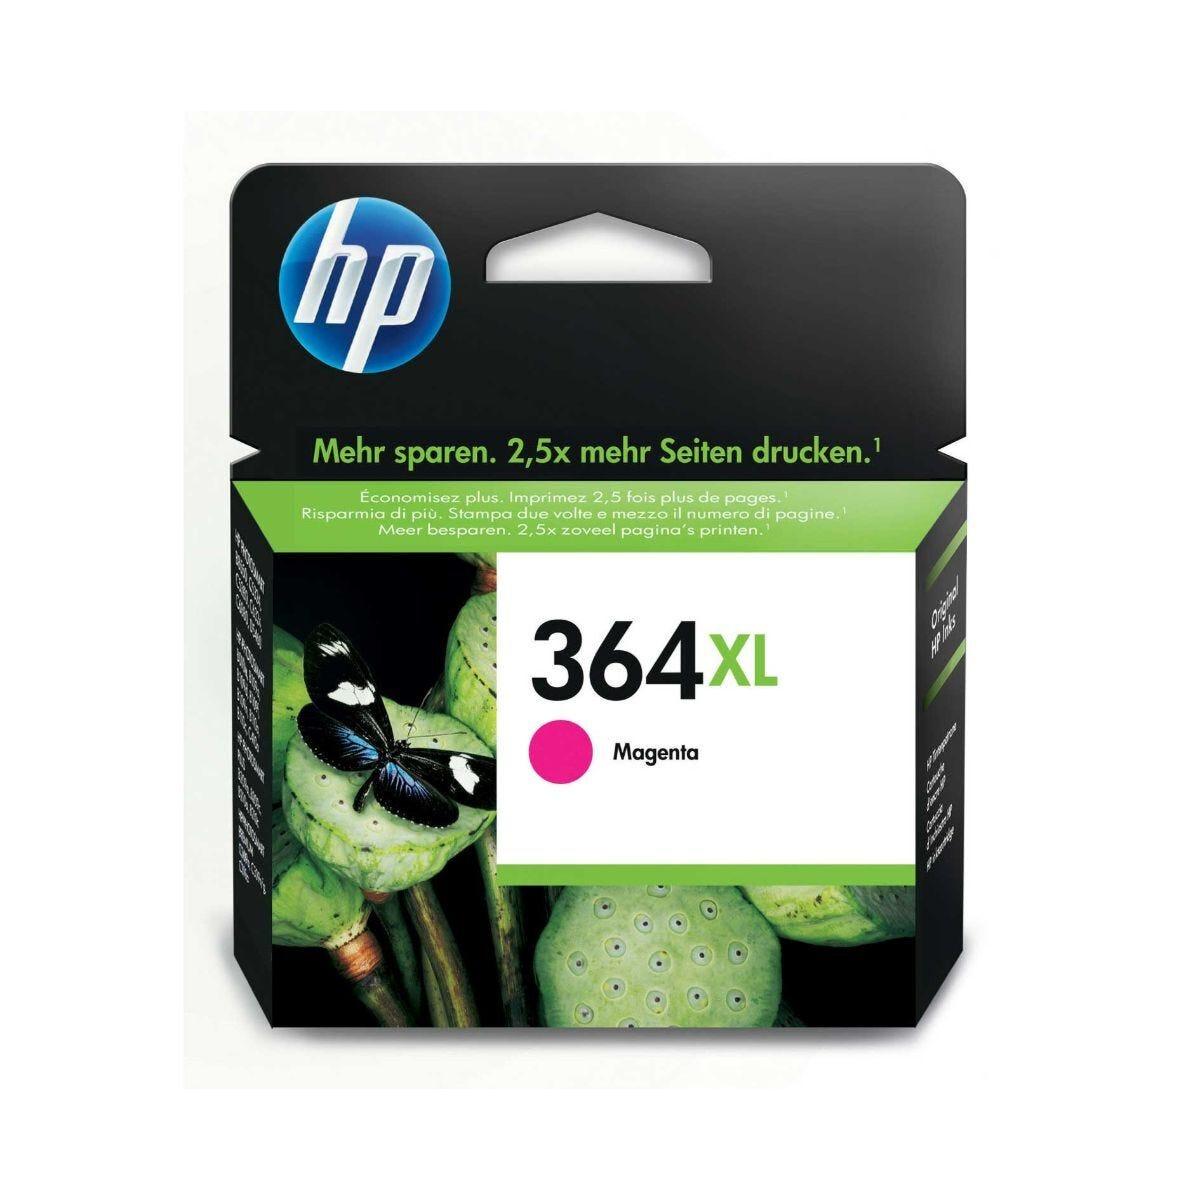 HP 364XL Inkjet Cartridge Magenta